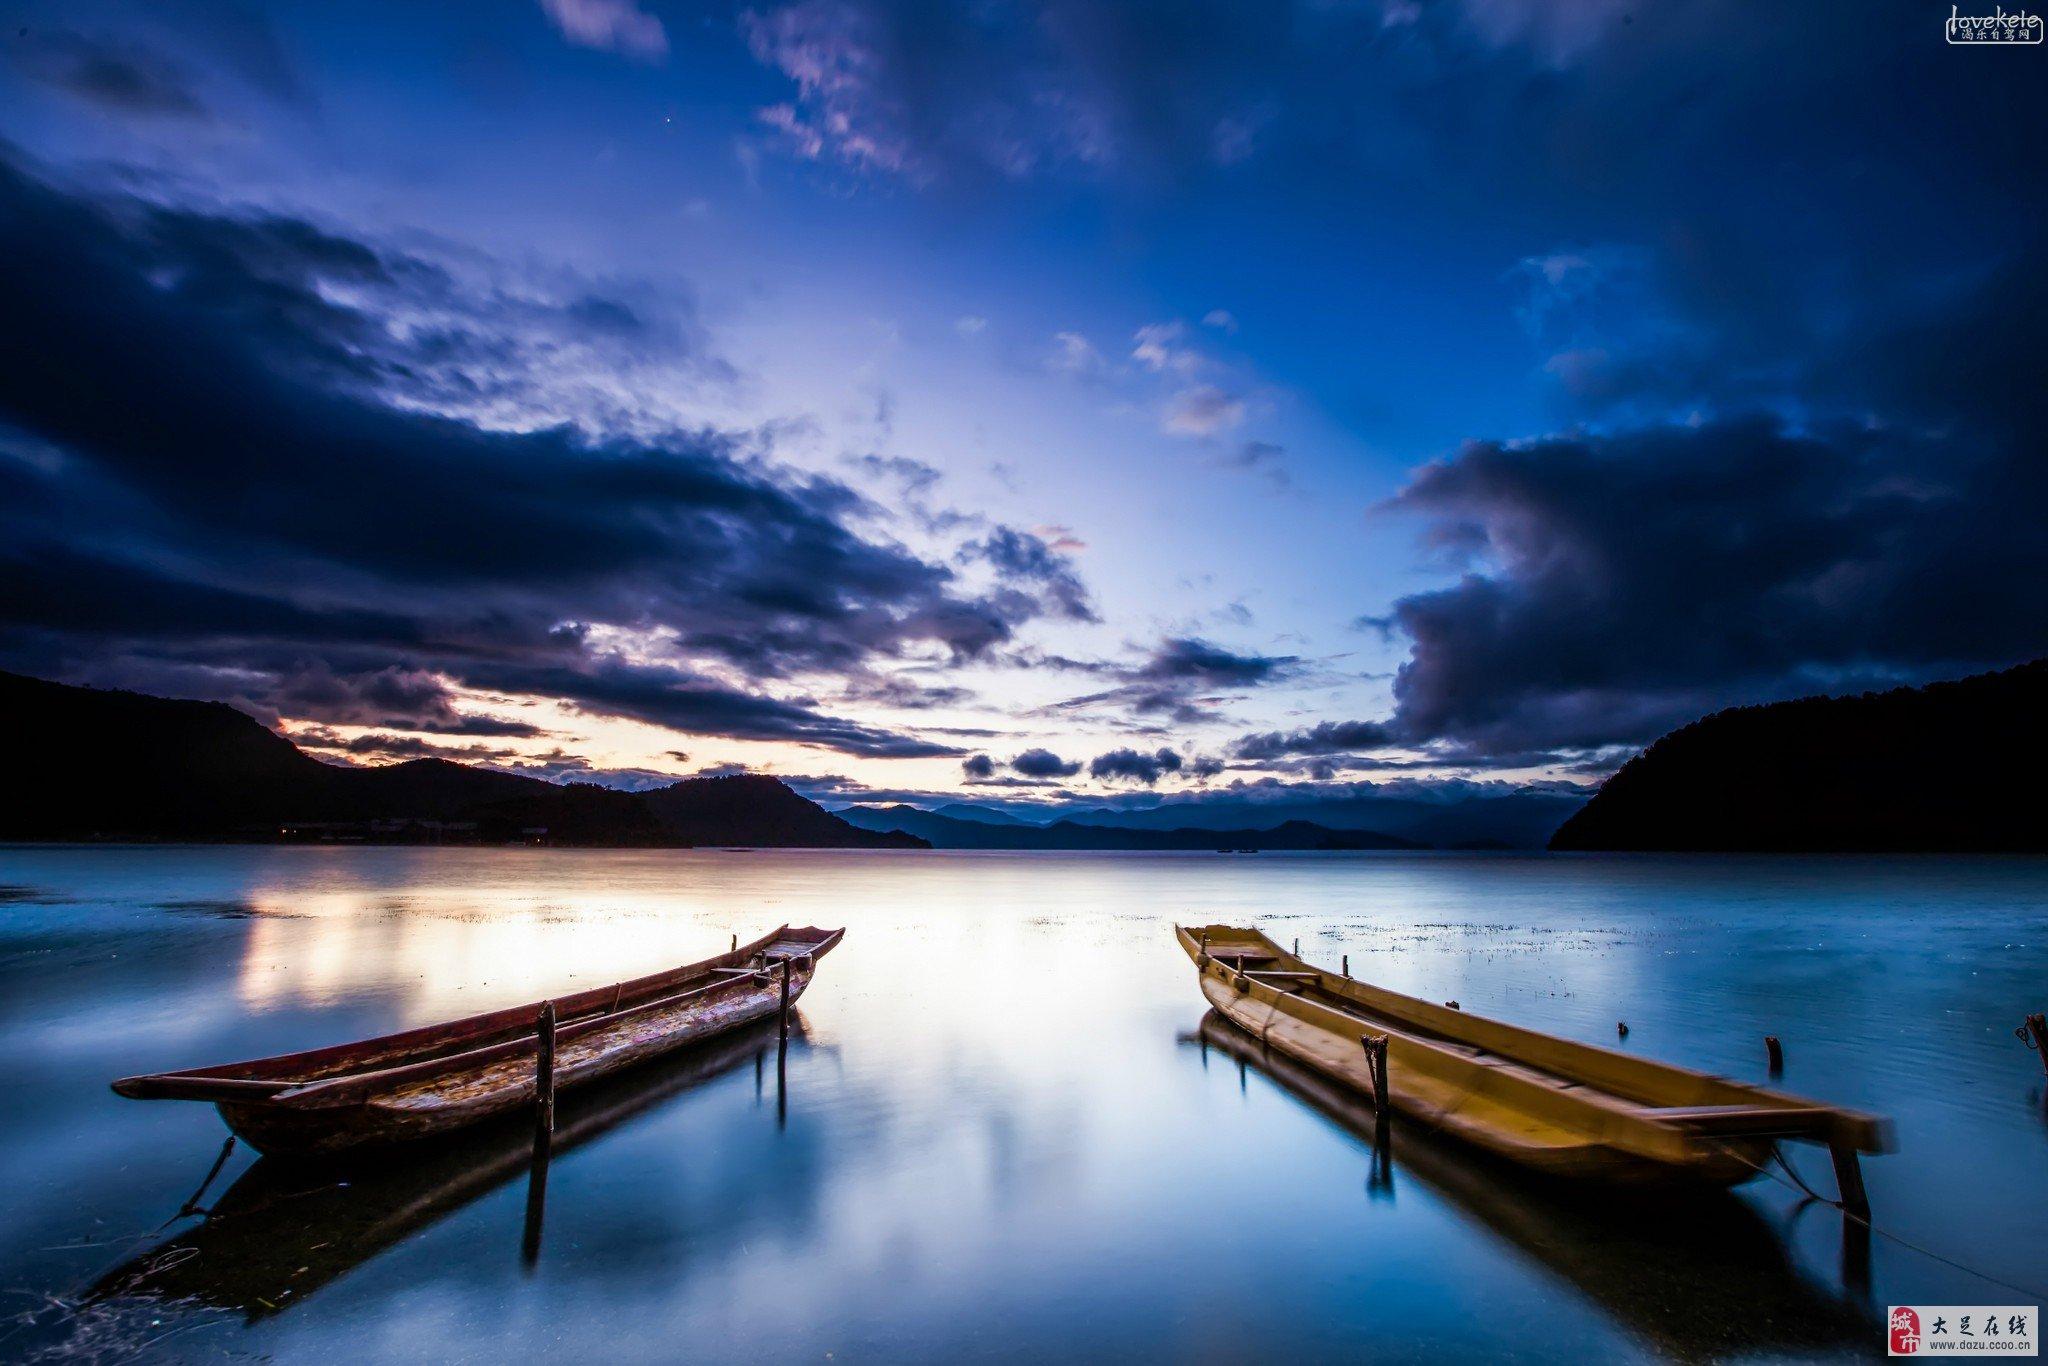 第二天,西昌—泸沽湖(272km) 餐:早,晚团餐;住:品质酒店 沿途风景